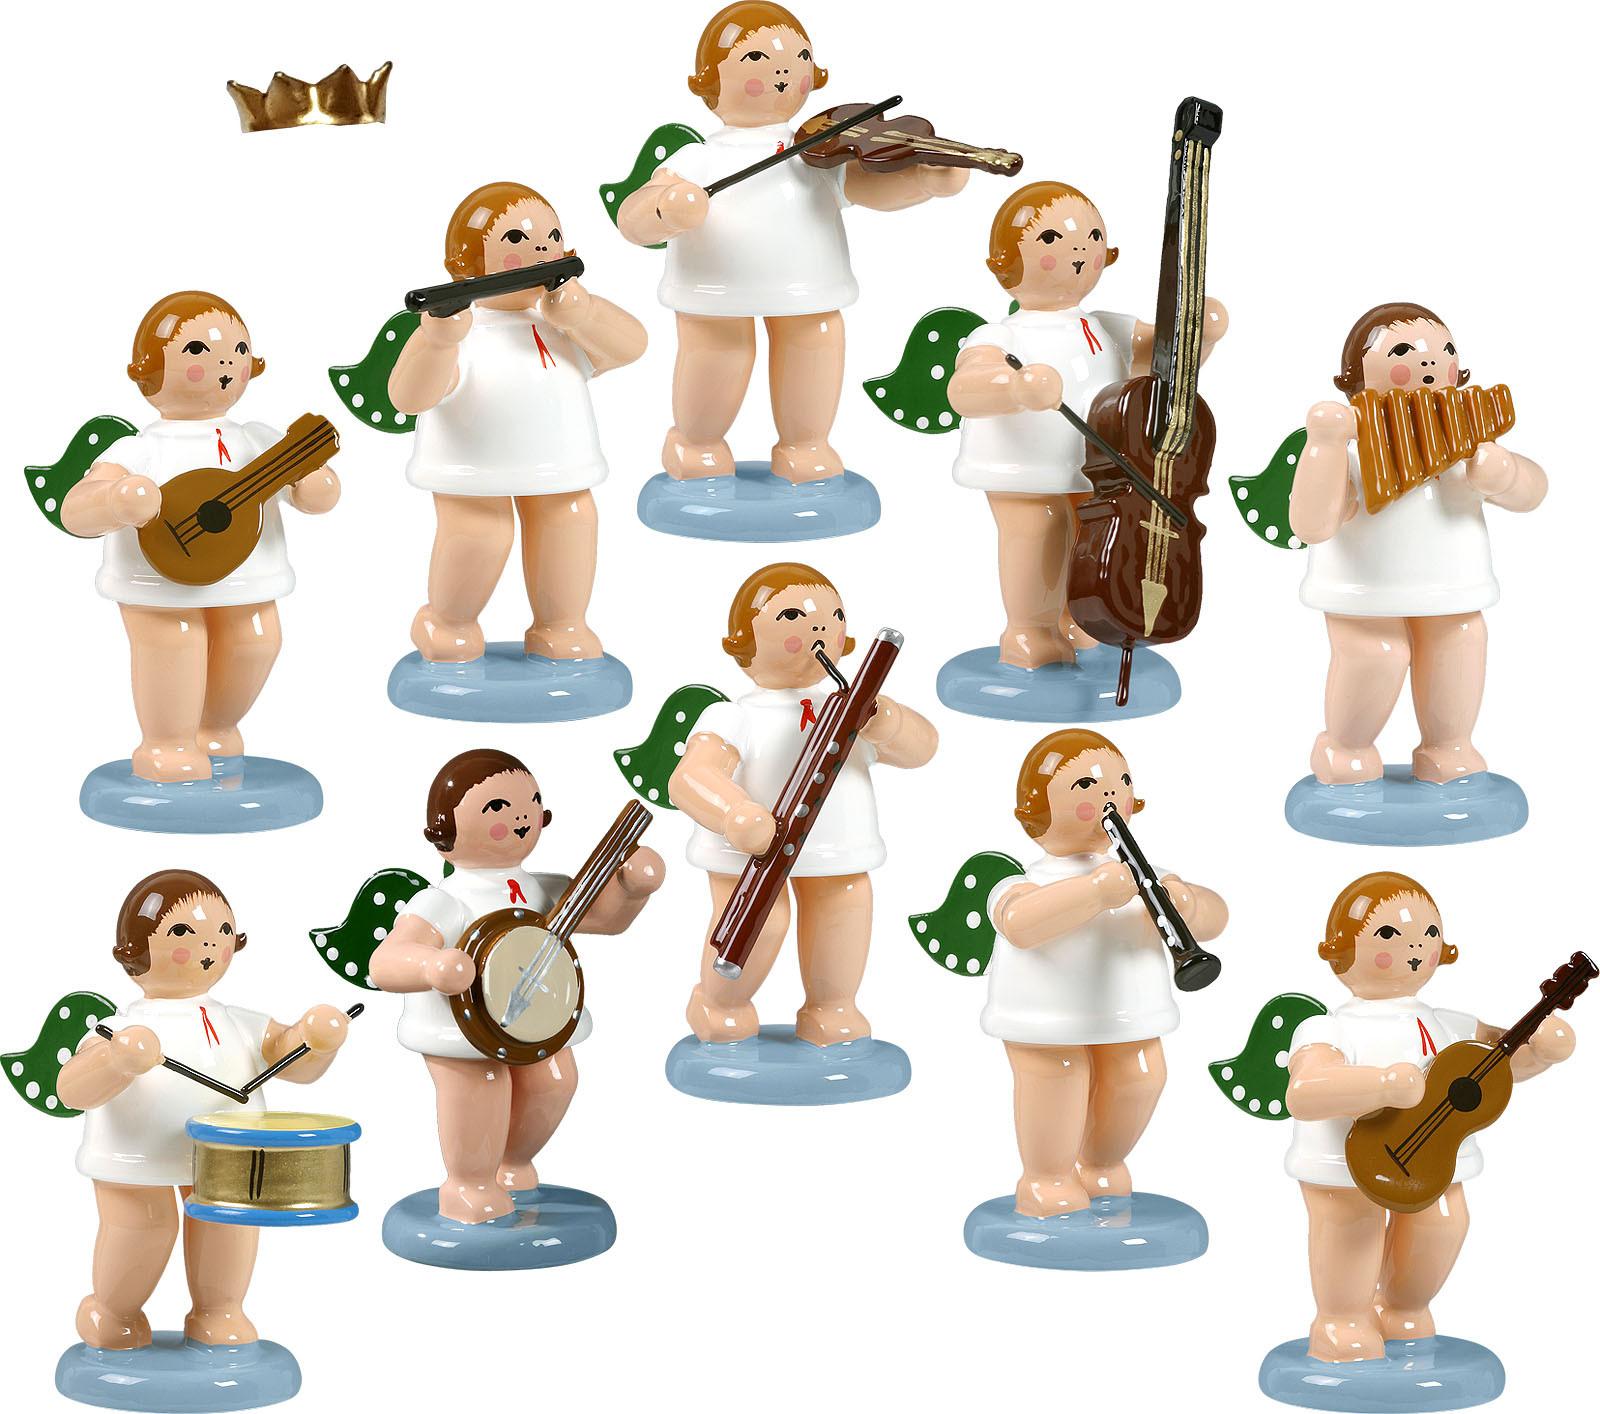 Engelmusikanten 10-teilig, Variante 2 - mit Krone